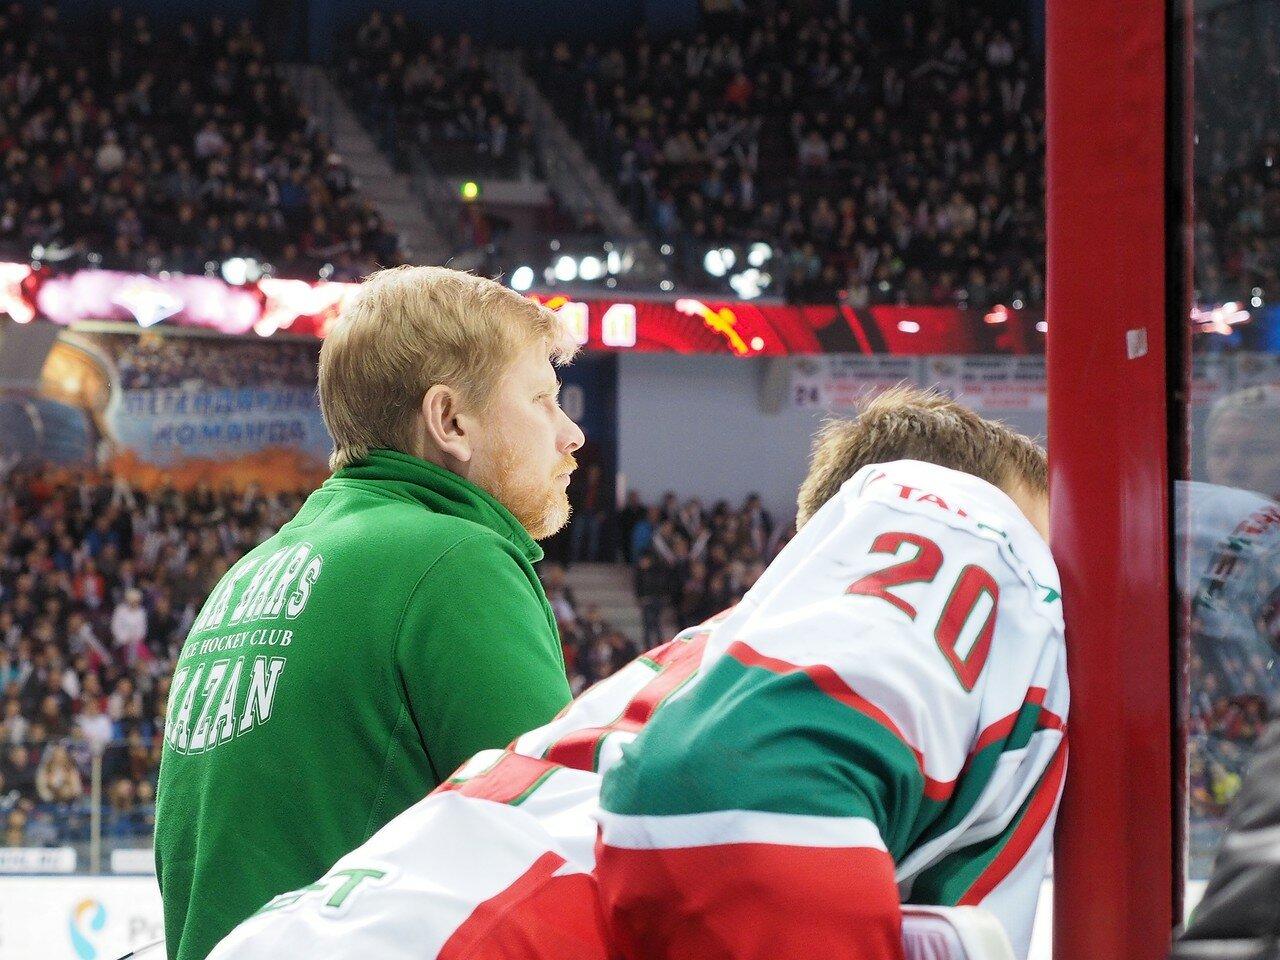 82 Первая игра финала плей-офф восточной конференции 2017 Металлург - АкБарс 24.03.2017